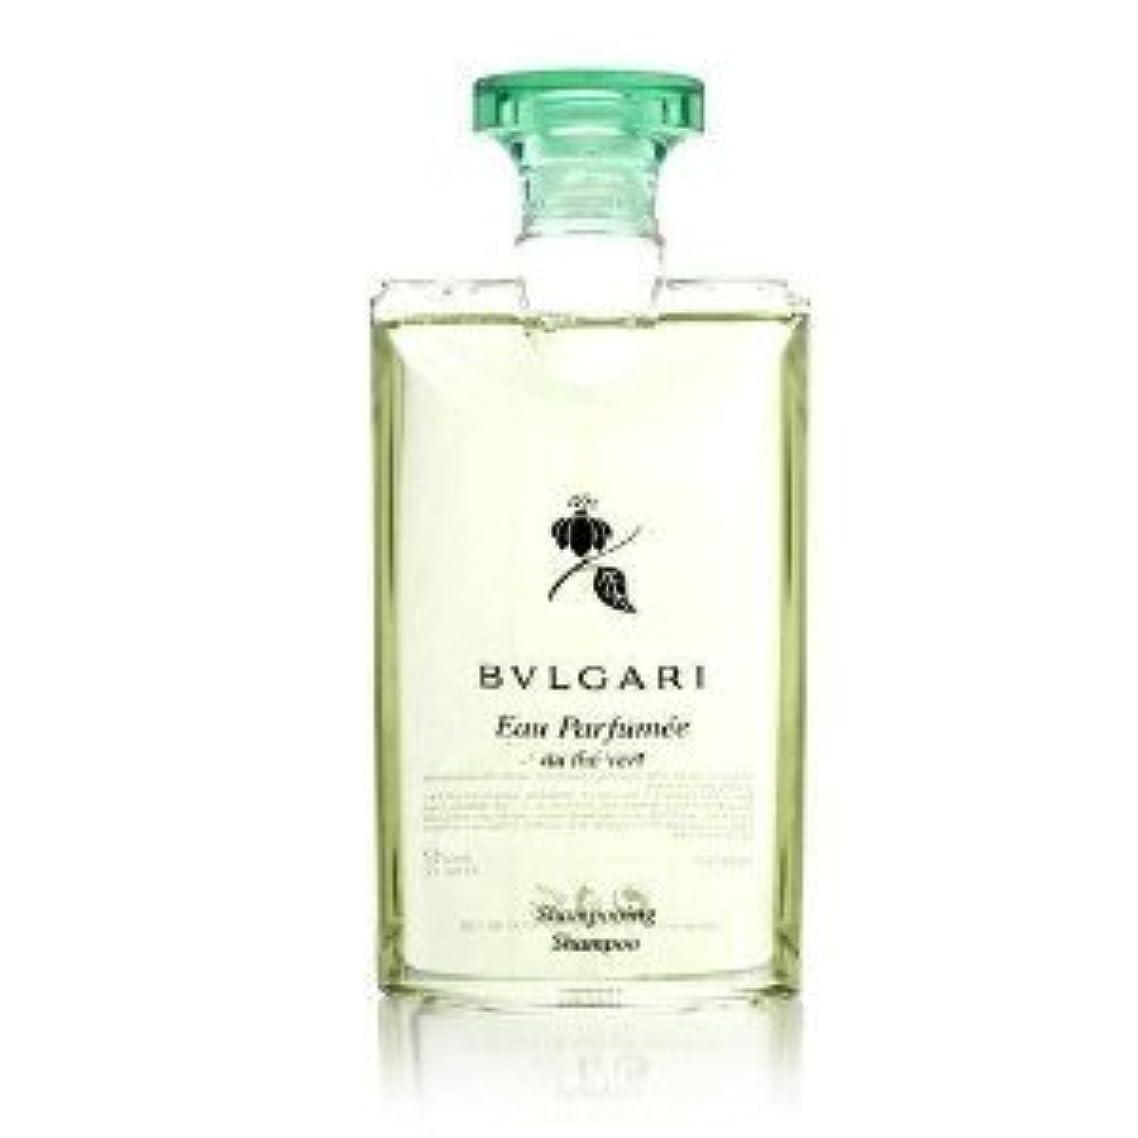 誰でも遮る剣Bvlgari Eau Parfumee au the vert (ブルガリ オー パフュ-メ オウ ザ バート / グリーン ティー) 2.5 oz (75ml) シャンプー